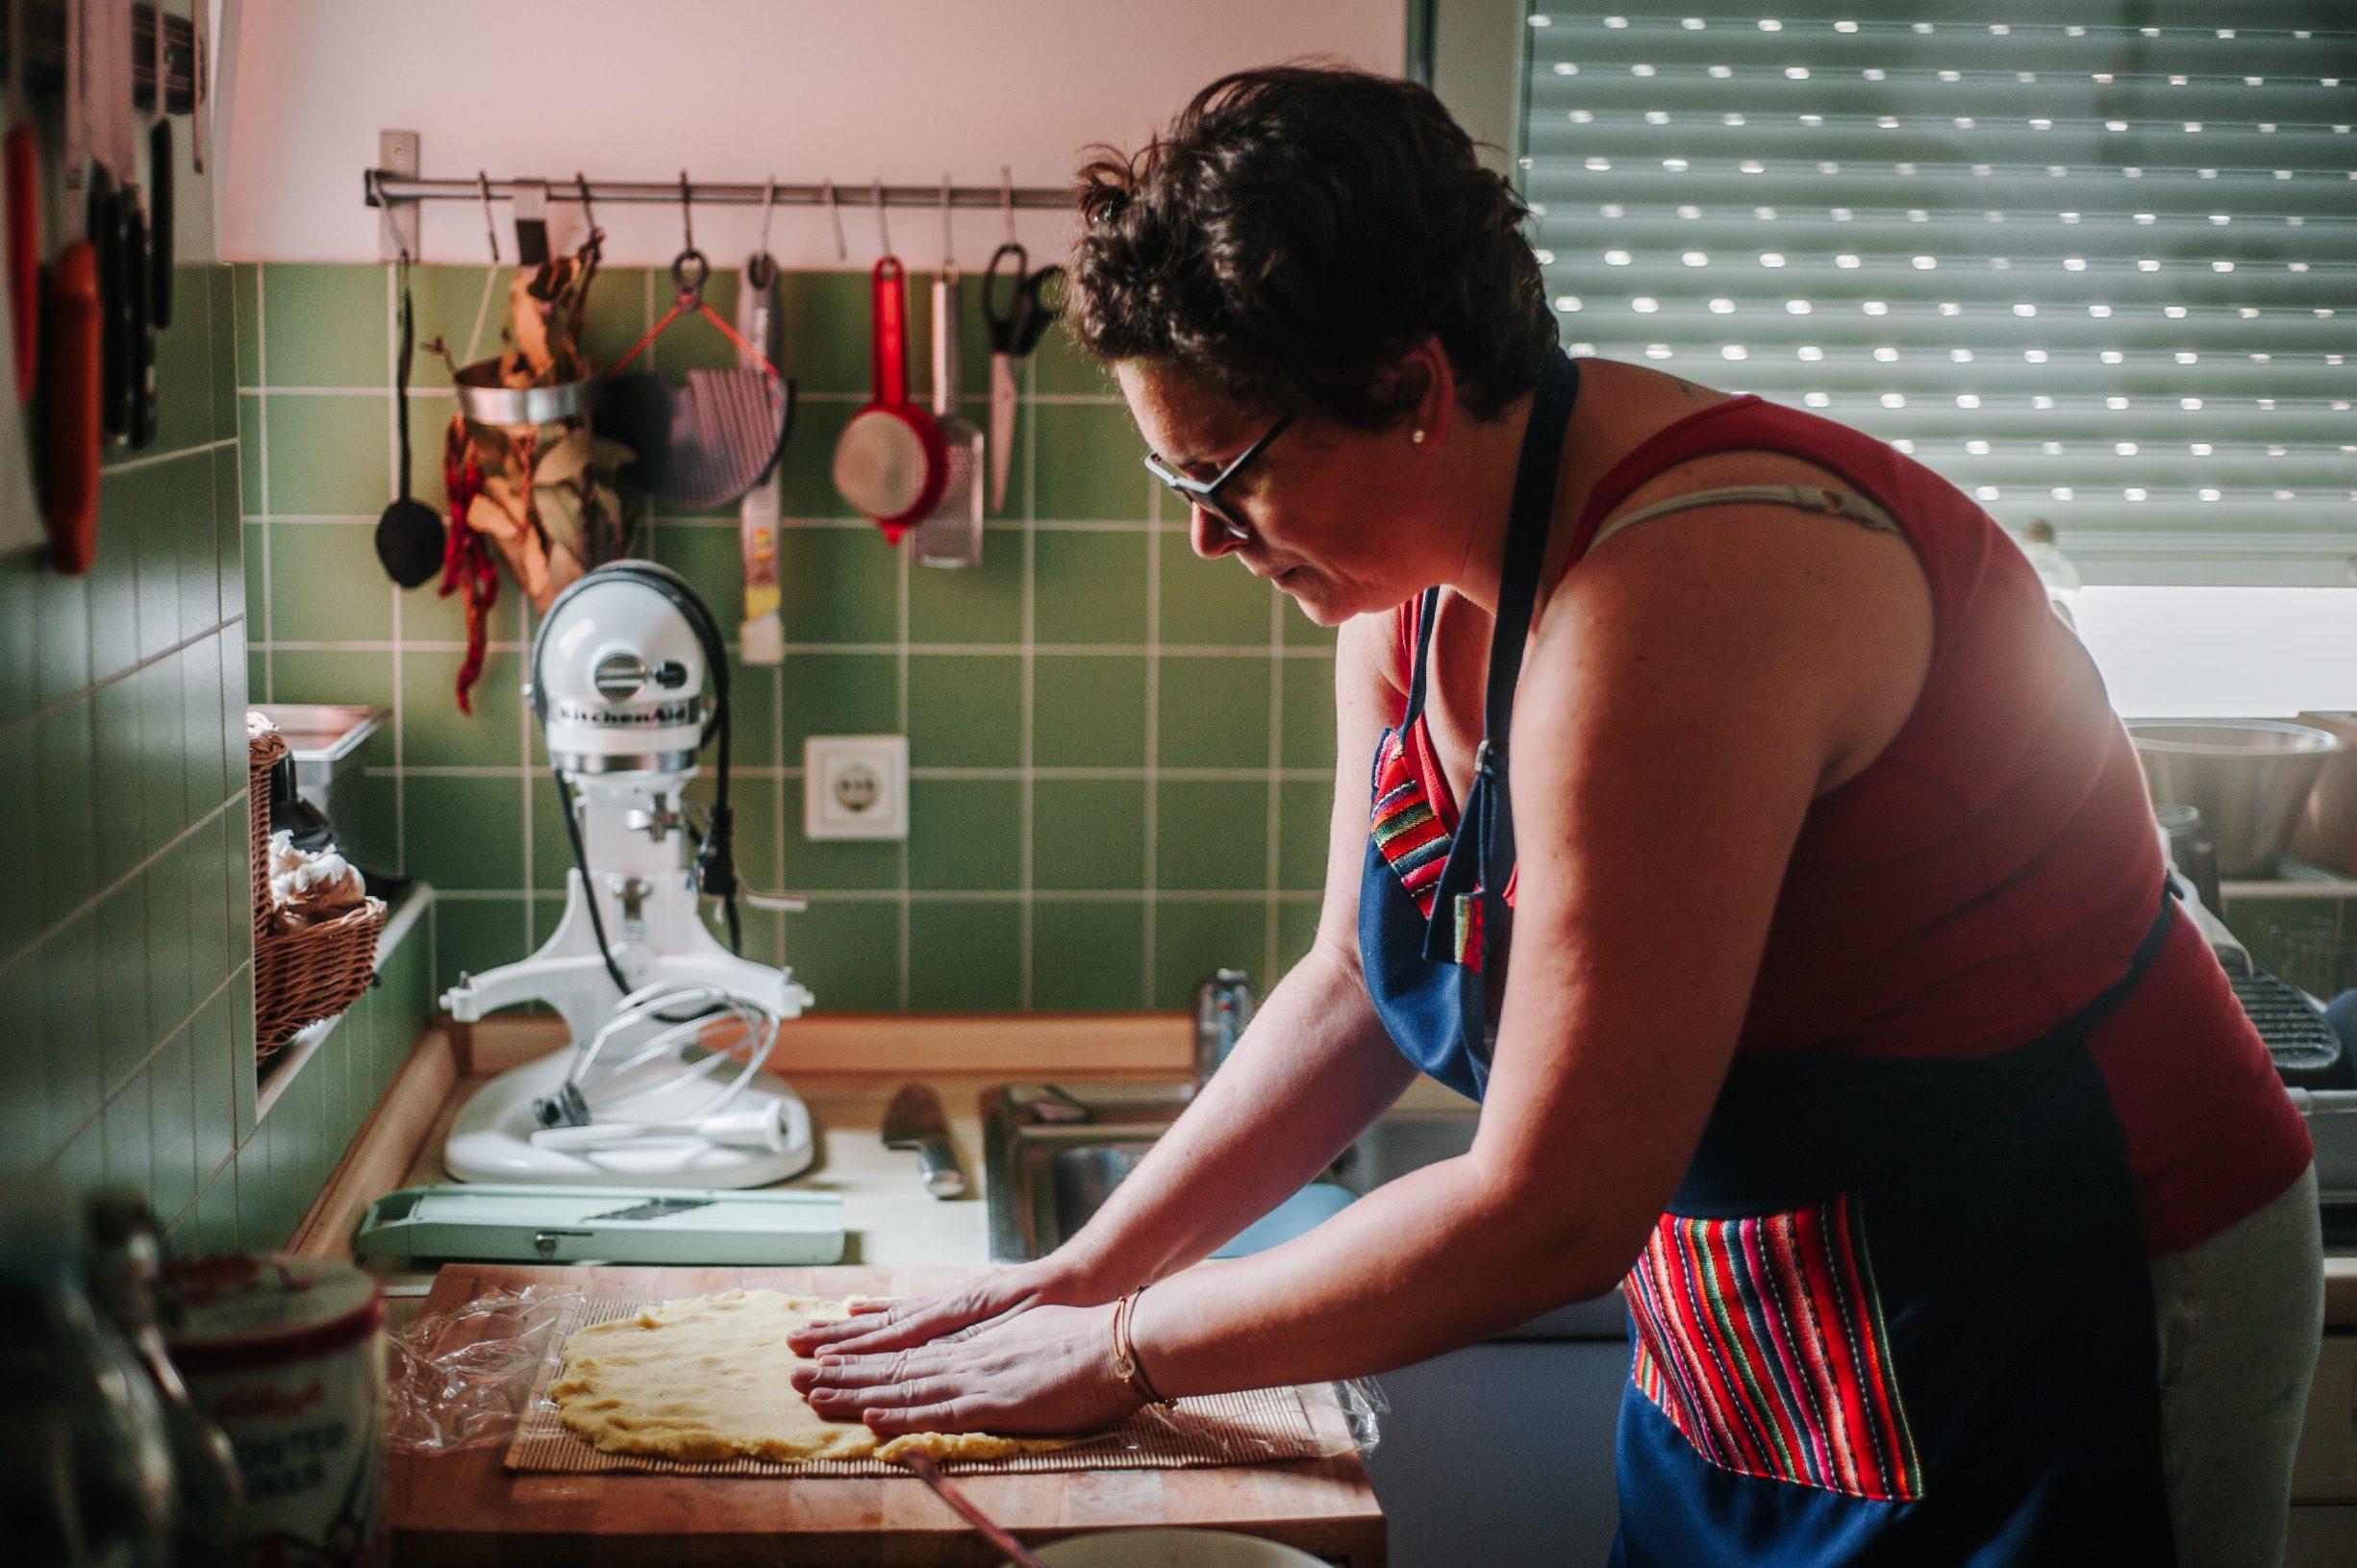 Zagreb , 030719. Sasa i Anamarija Frid pripremili su za magazin Dobra hrana peruanska  jela. Na slici je Anamarija Frid. Foto: Marko Miscevic / Cropix